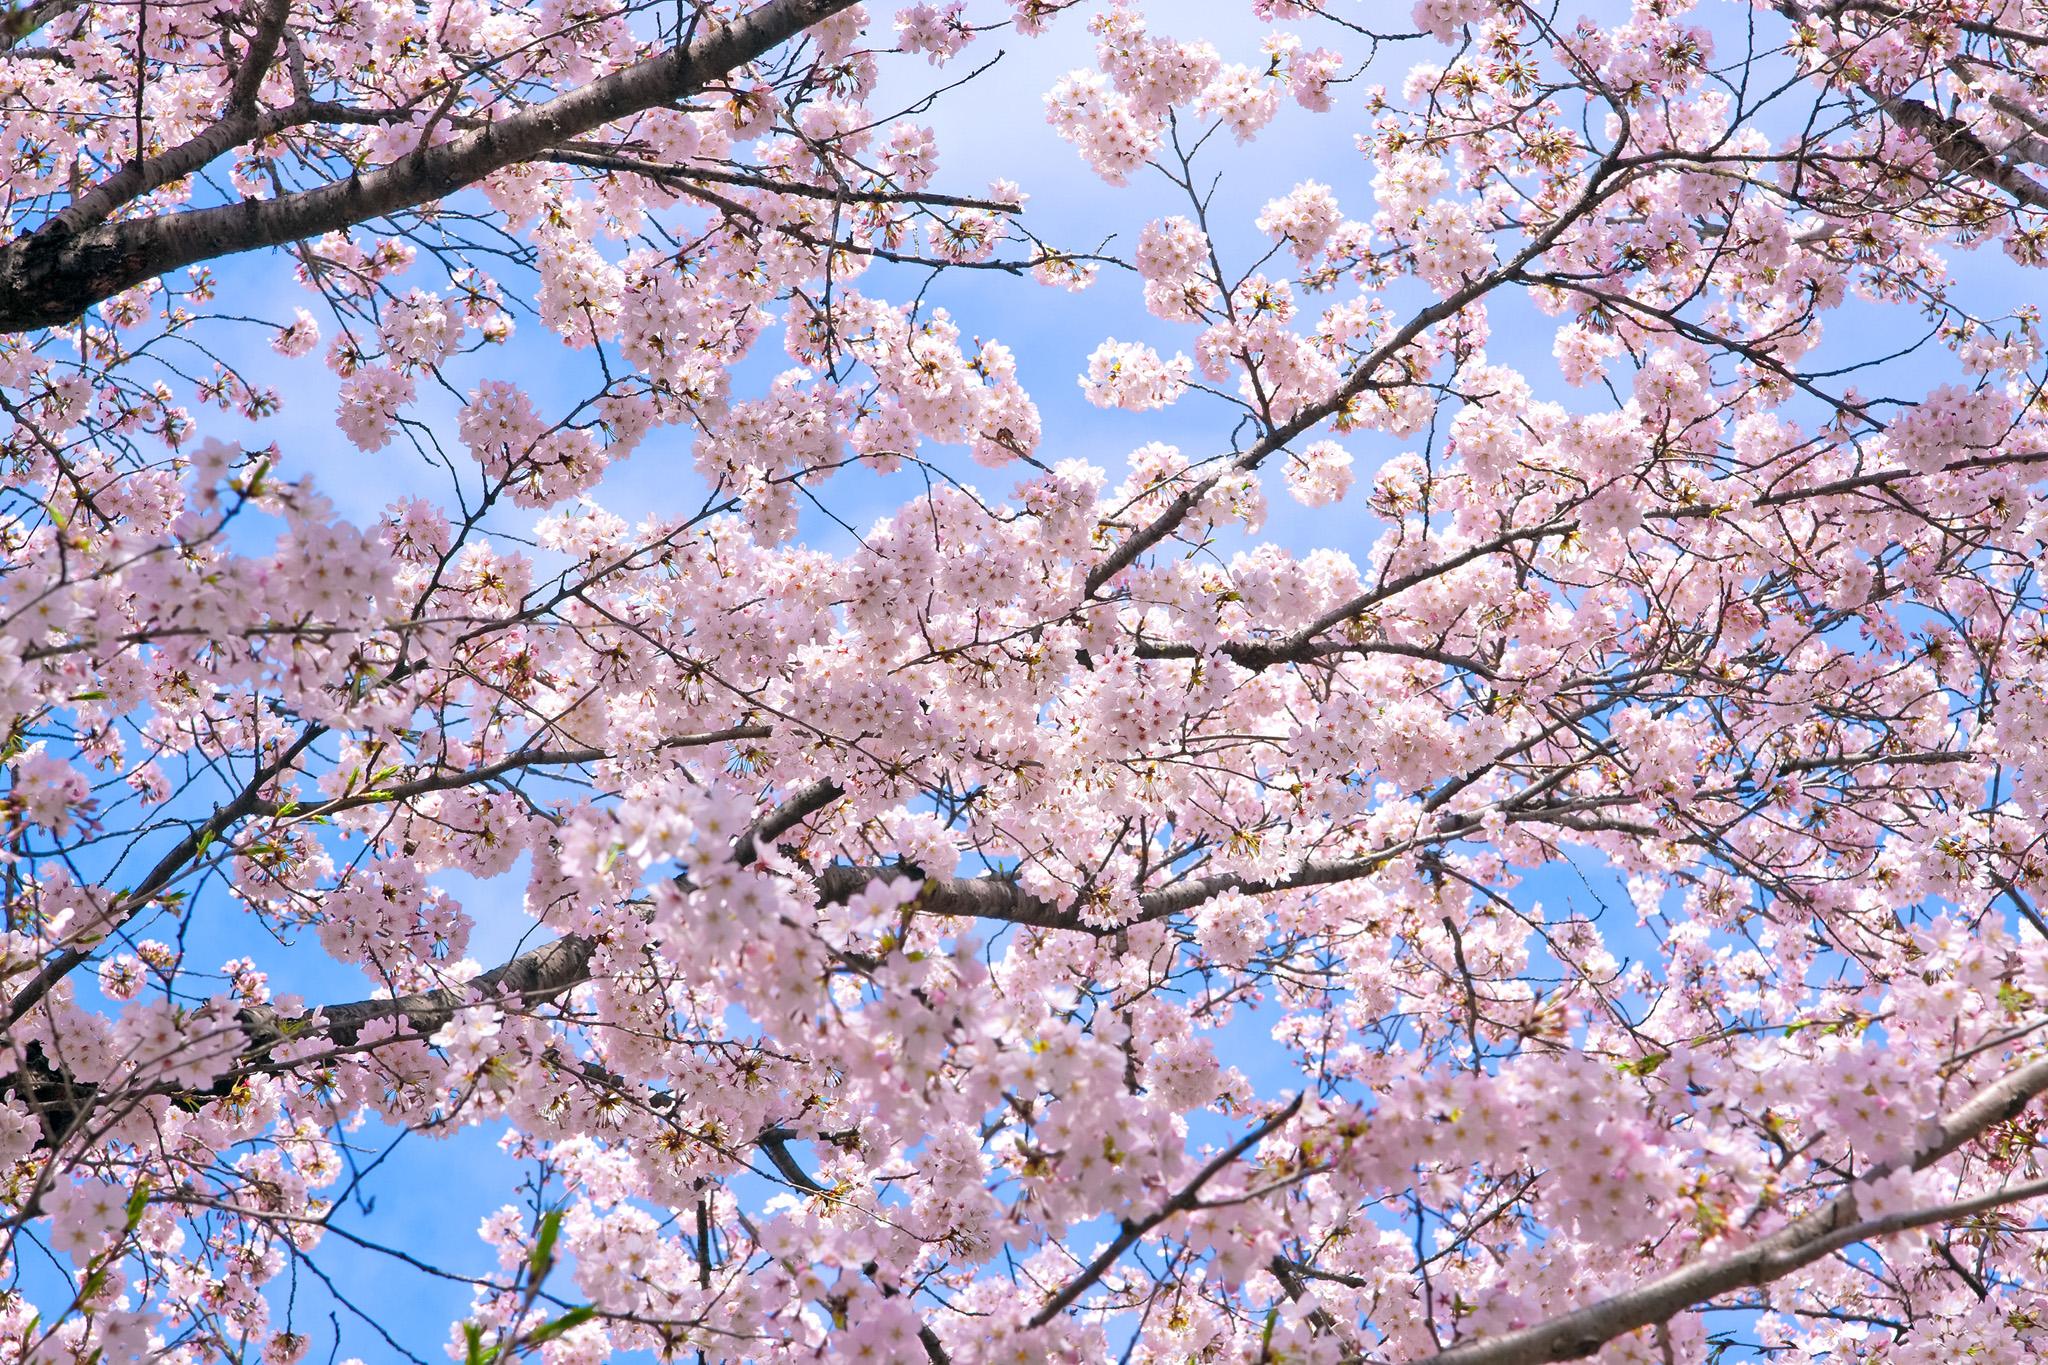 「桜の花咲く背景」の画像を無料ダウンロード